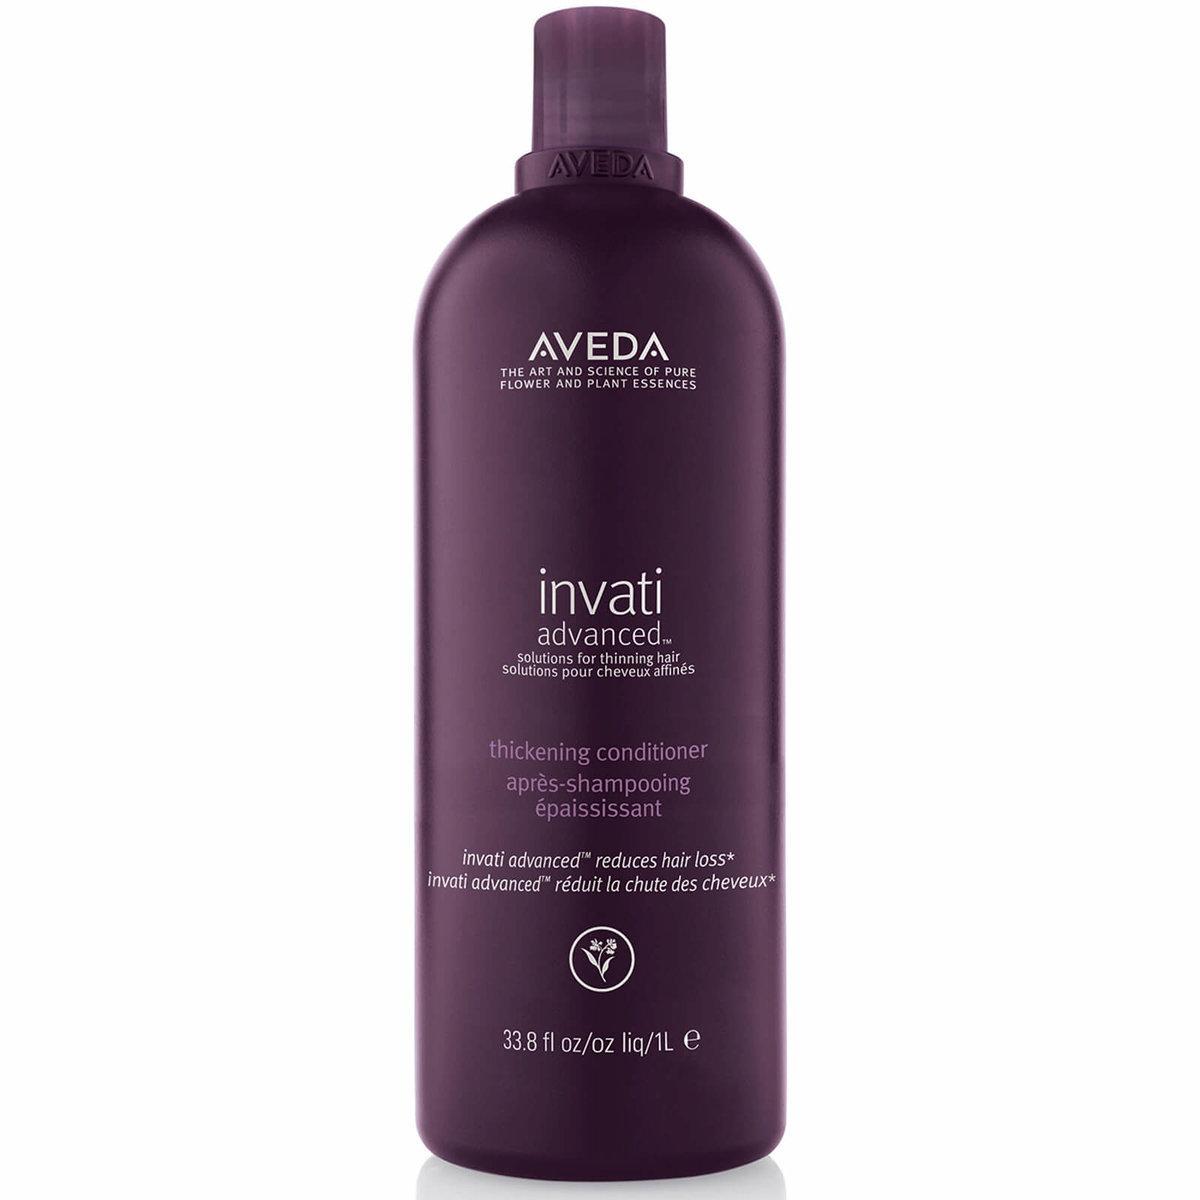 invati advanced™ Thickening Conditione 1000ml